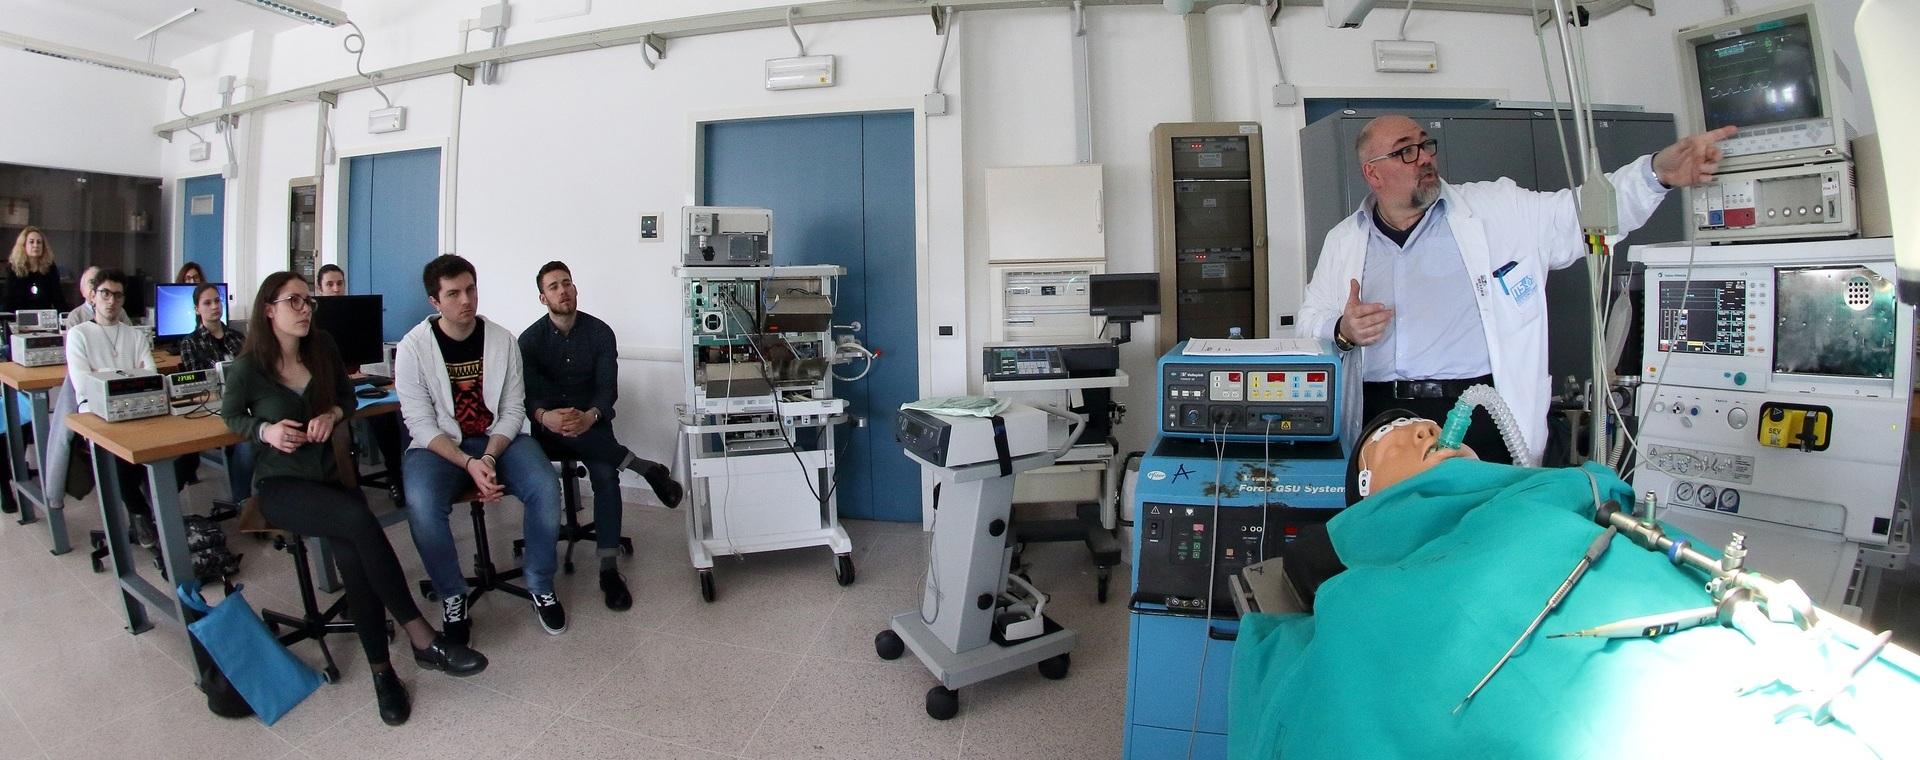 Open Day della Fondazione ITS A. Volta, la Job Academy che forma i futuri tecnici del settore biomedicale